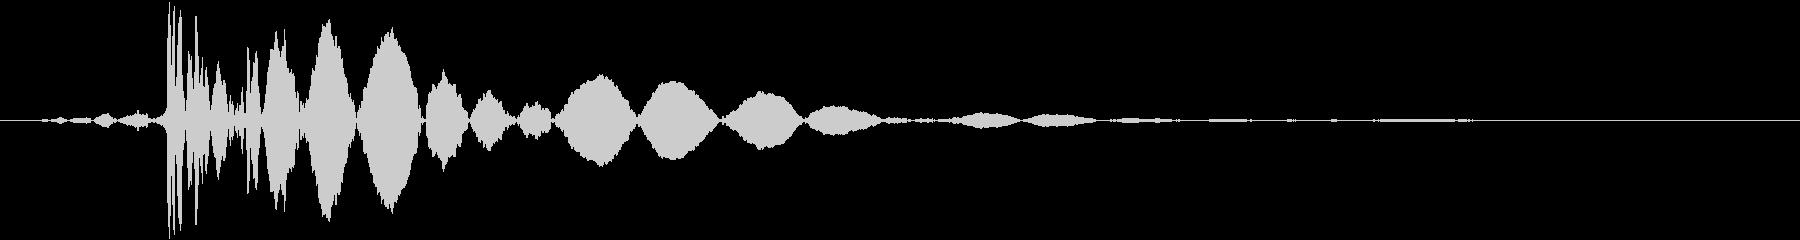 「ドス」野球の捕球音(重めB)の未再生の波形